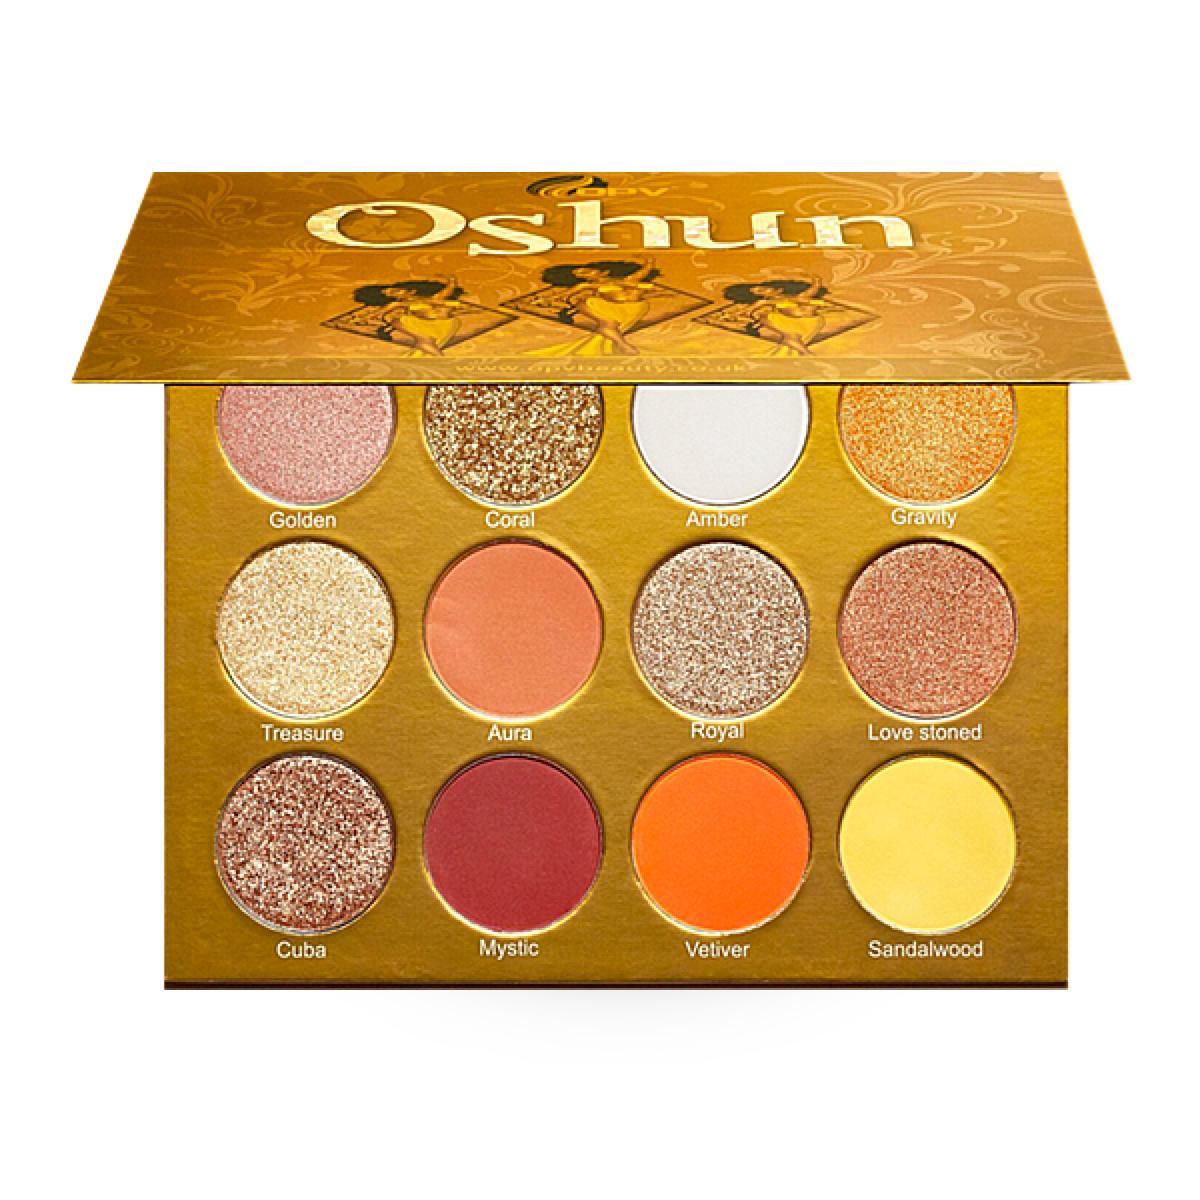 OPV Beauty Oshun Eyeshadow Palette